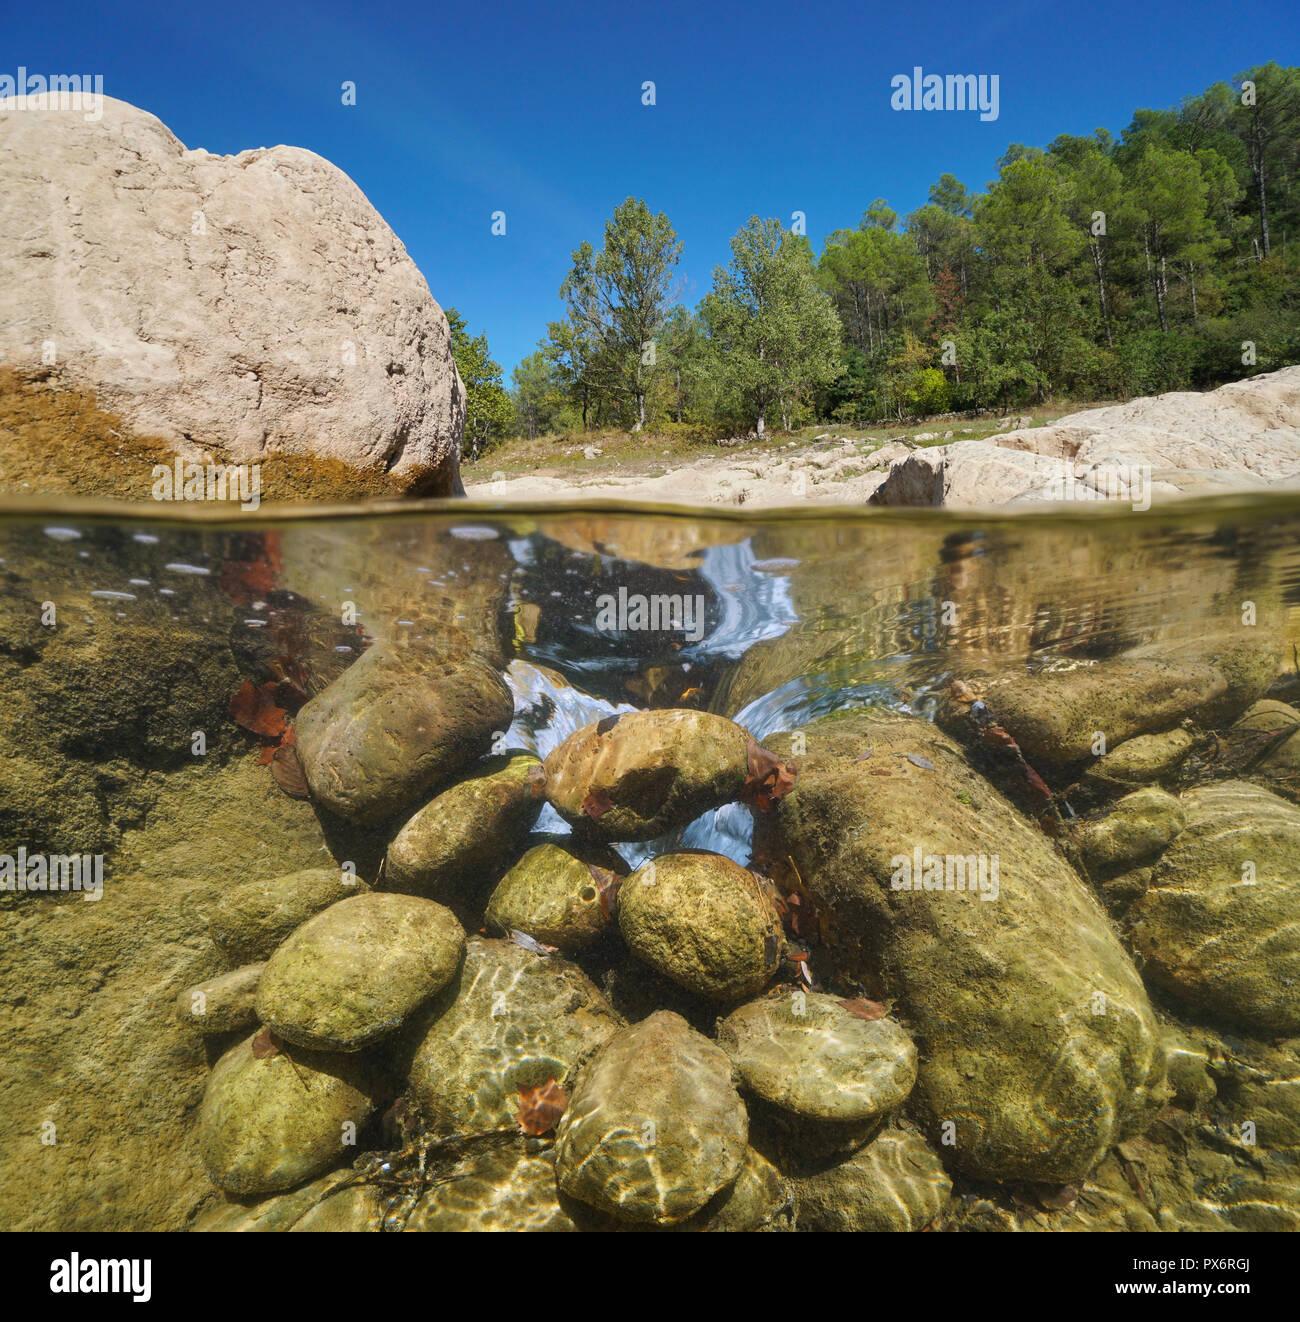 Rocky River, vista dividida por la mitad y bajo el agua, la muga, Alt Emporda Cataluña, España Imagen De Stock